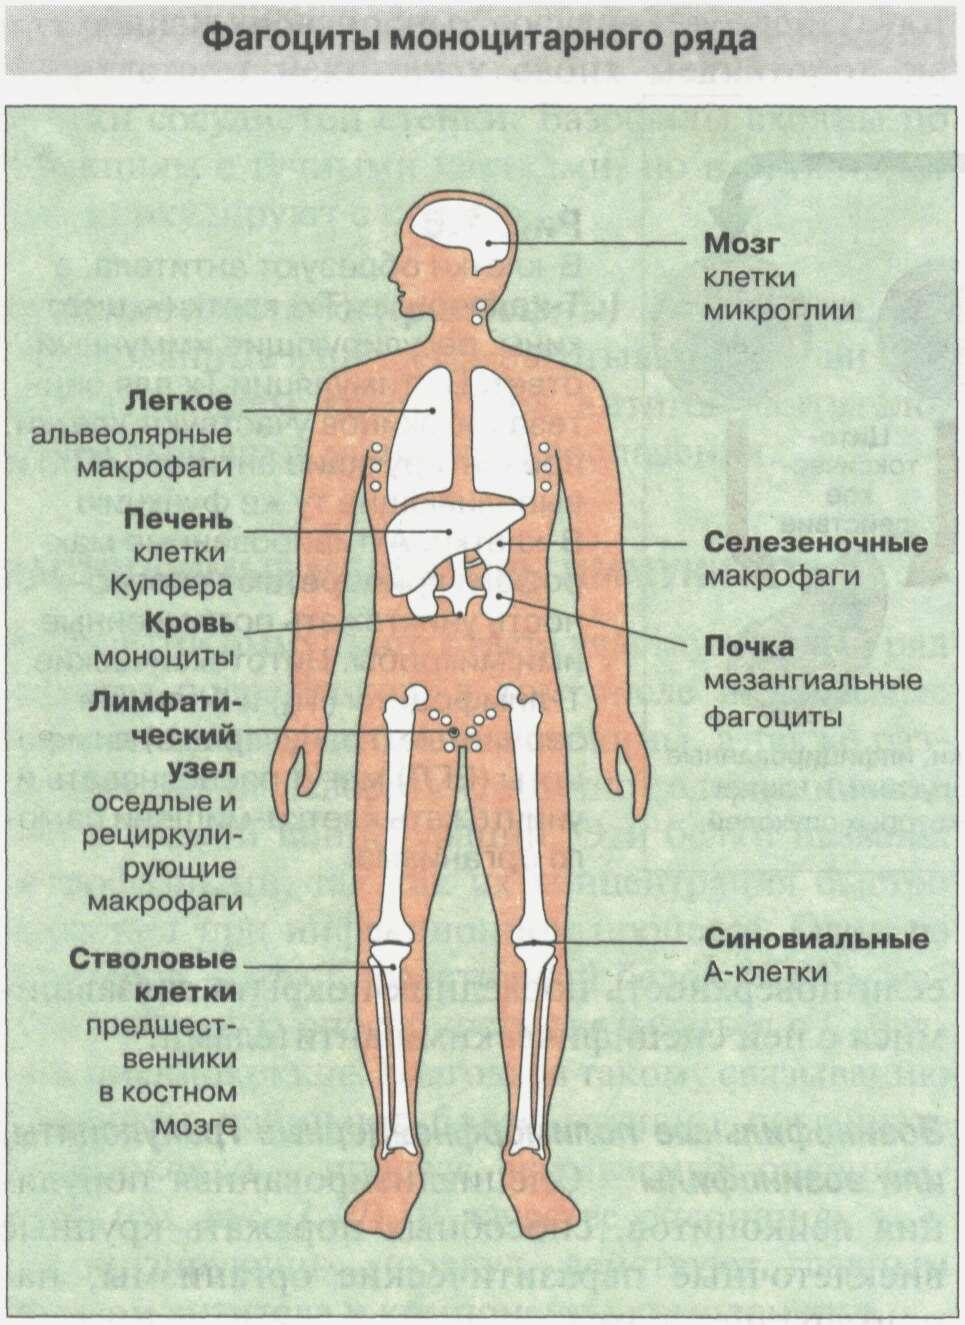 Общие сведения об иммунной системе Рис. 5